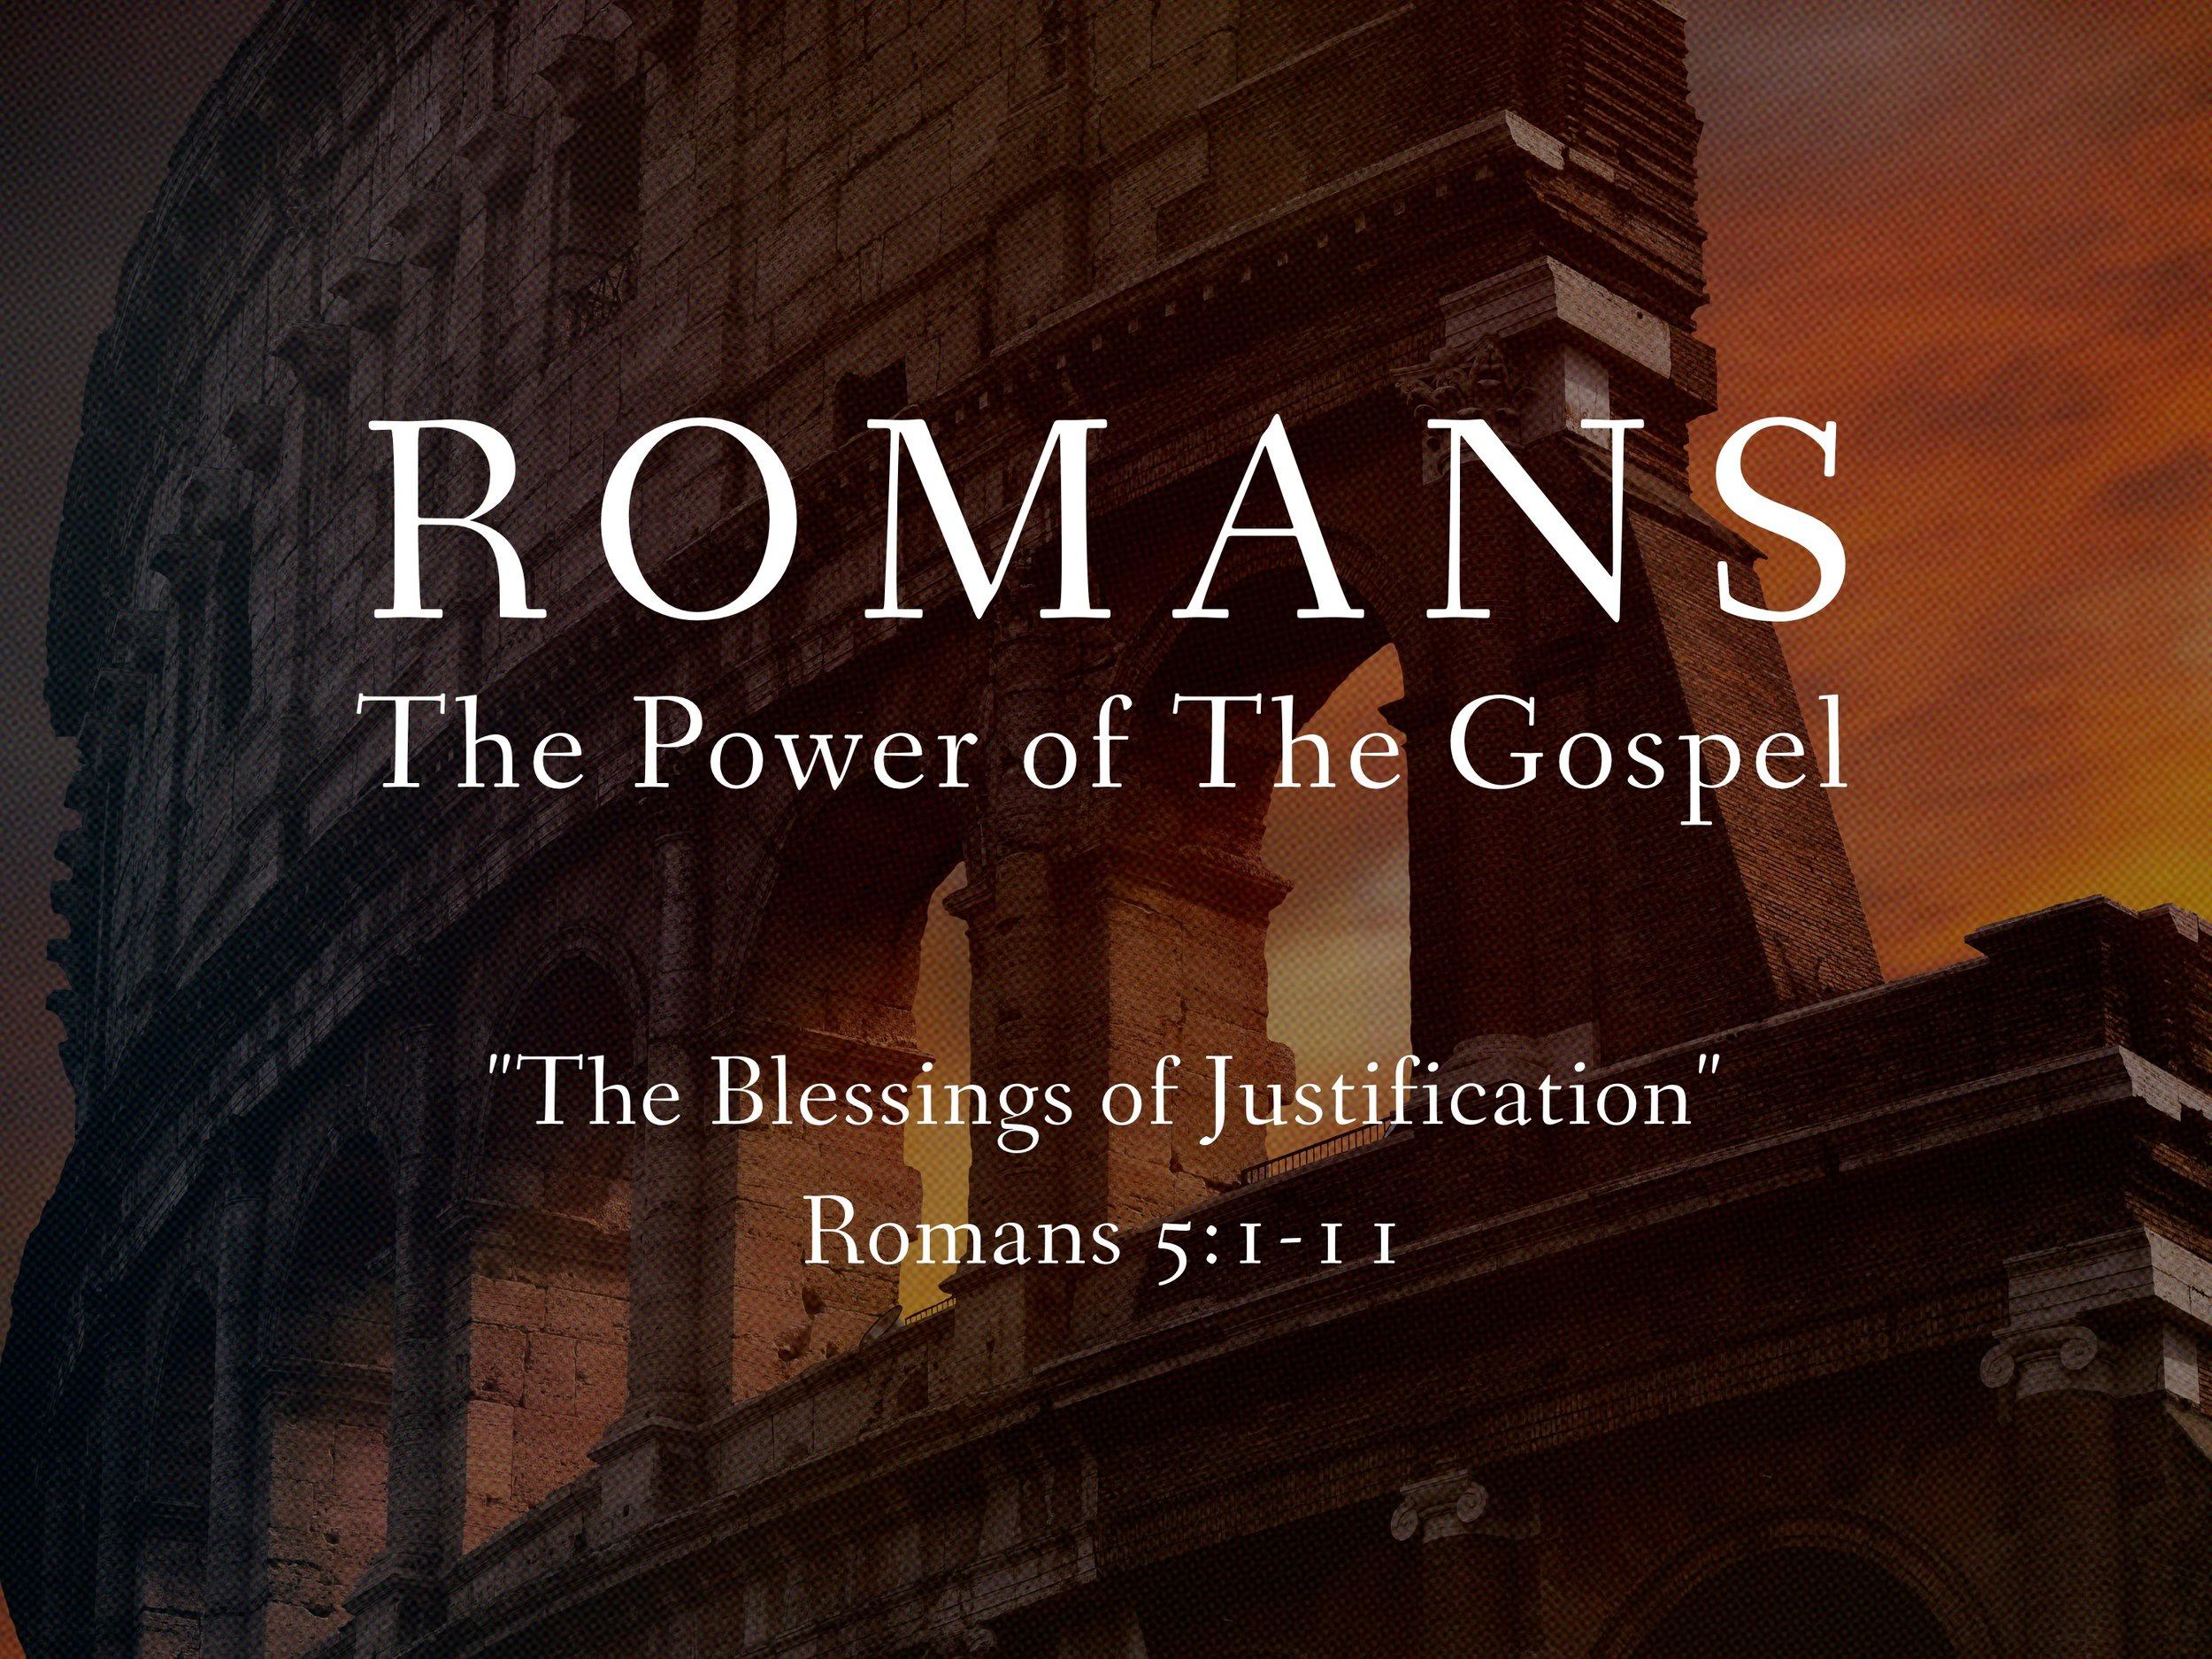 2018.06.03 Romans The Power of The Gospel Sermon Slide #3.jpg